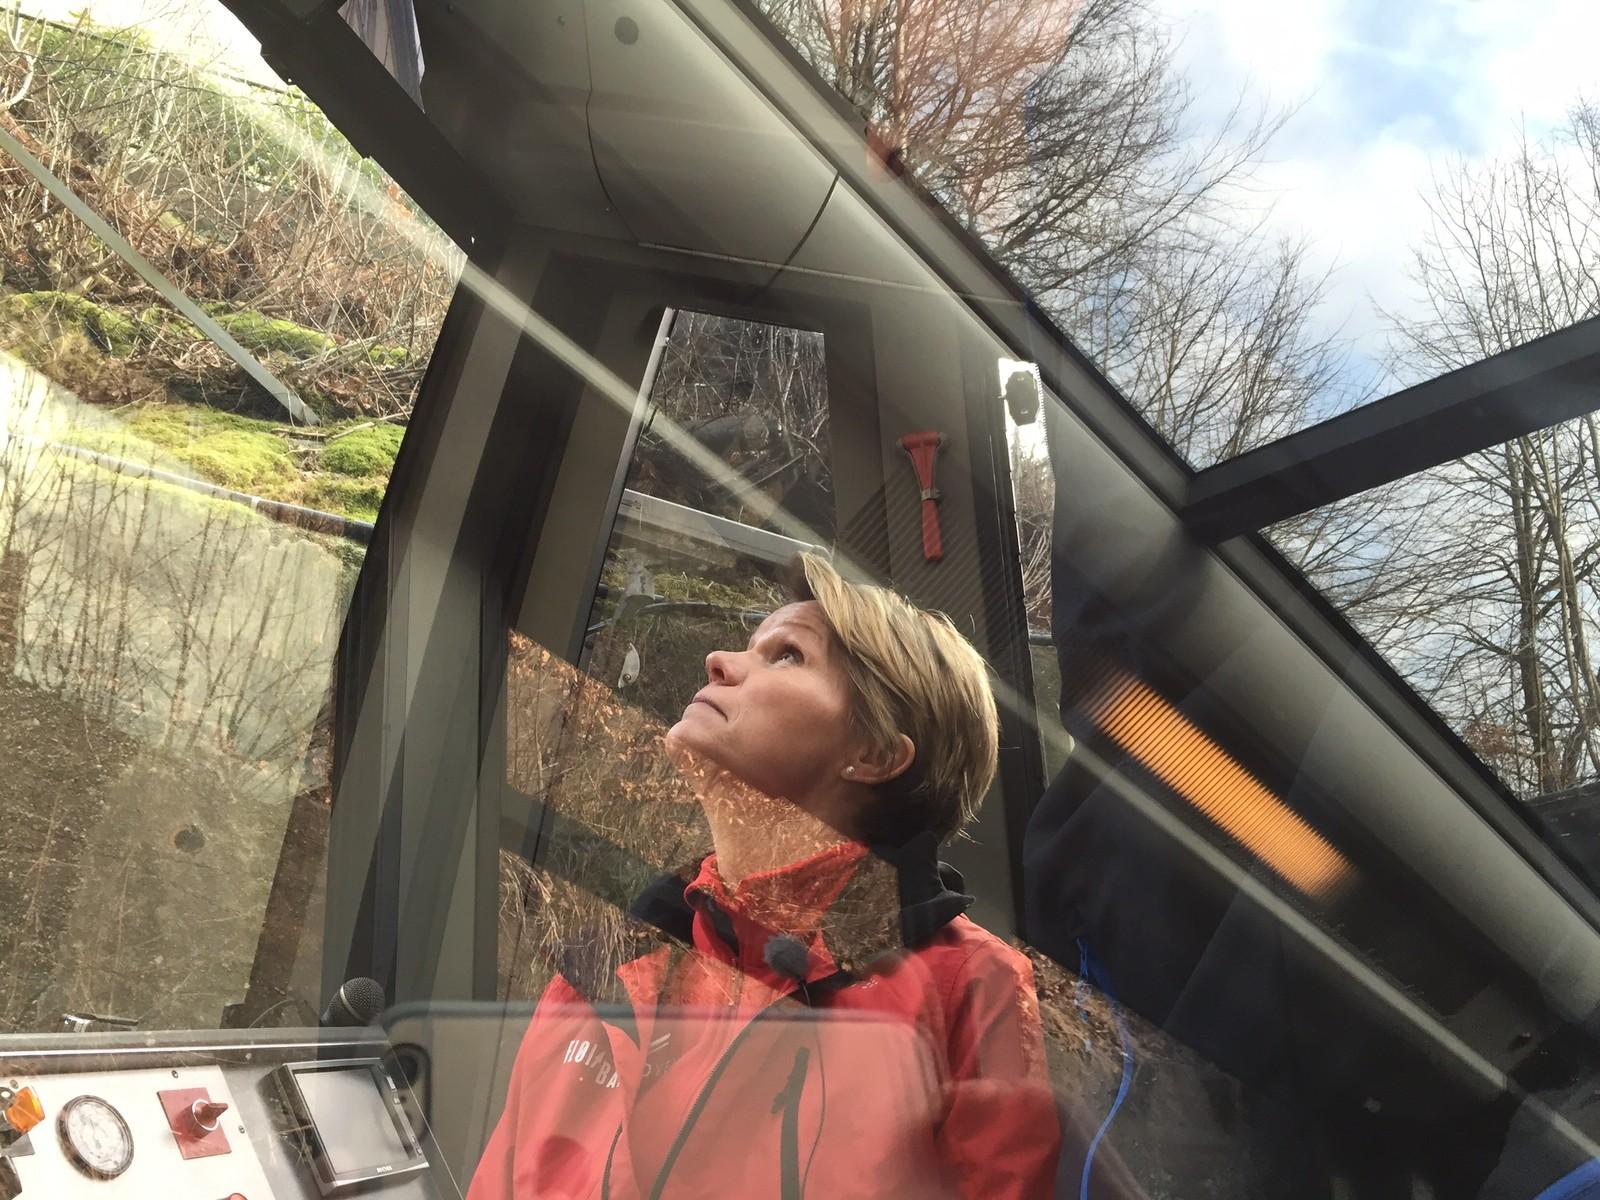 OPPTUR: – Turen oppover blir mer spektakulær jo høyere du kommer, sier Anita Nybø.